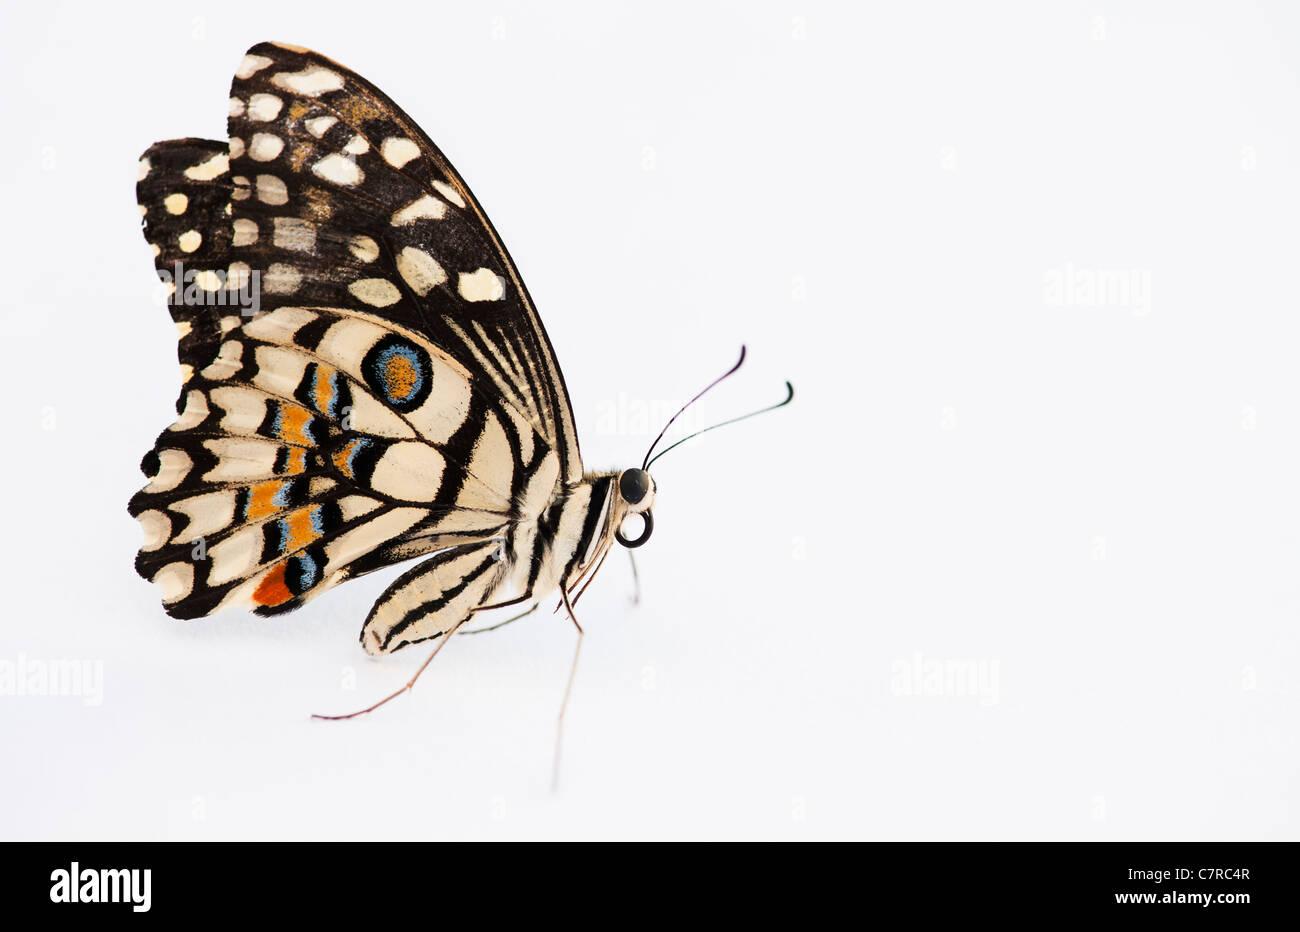 Papilio demoleus . Lime butterfly su sfondo bianco Immagini Stock